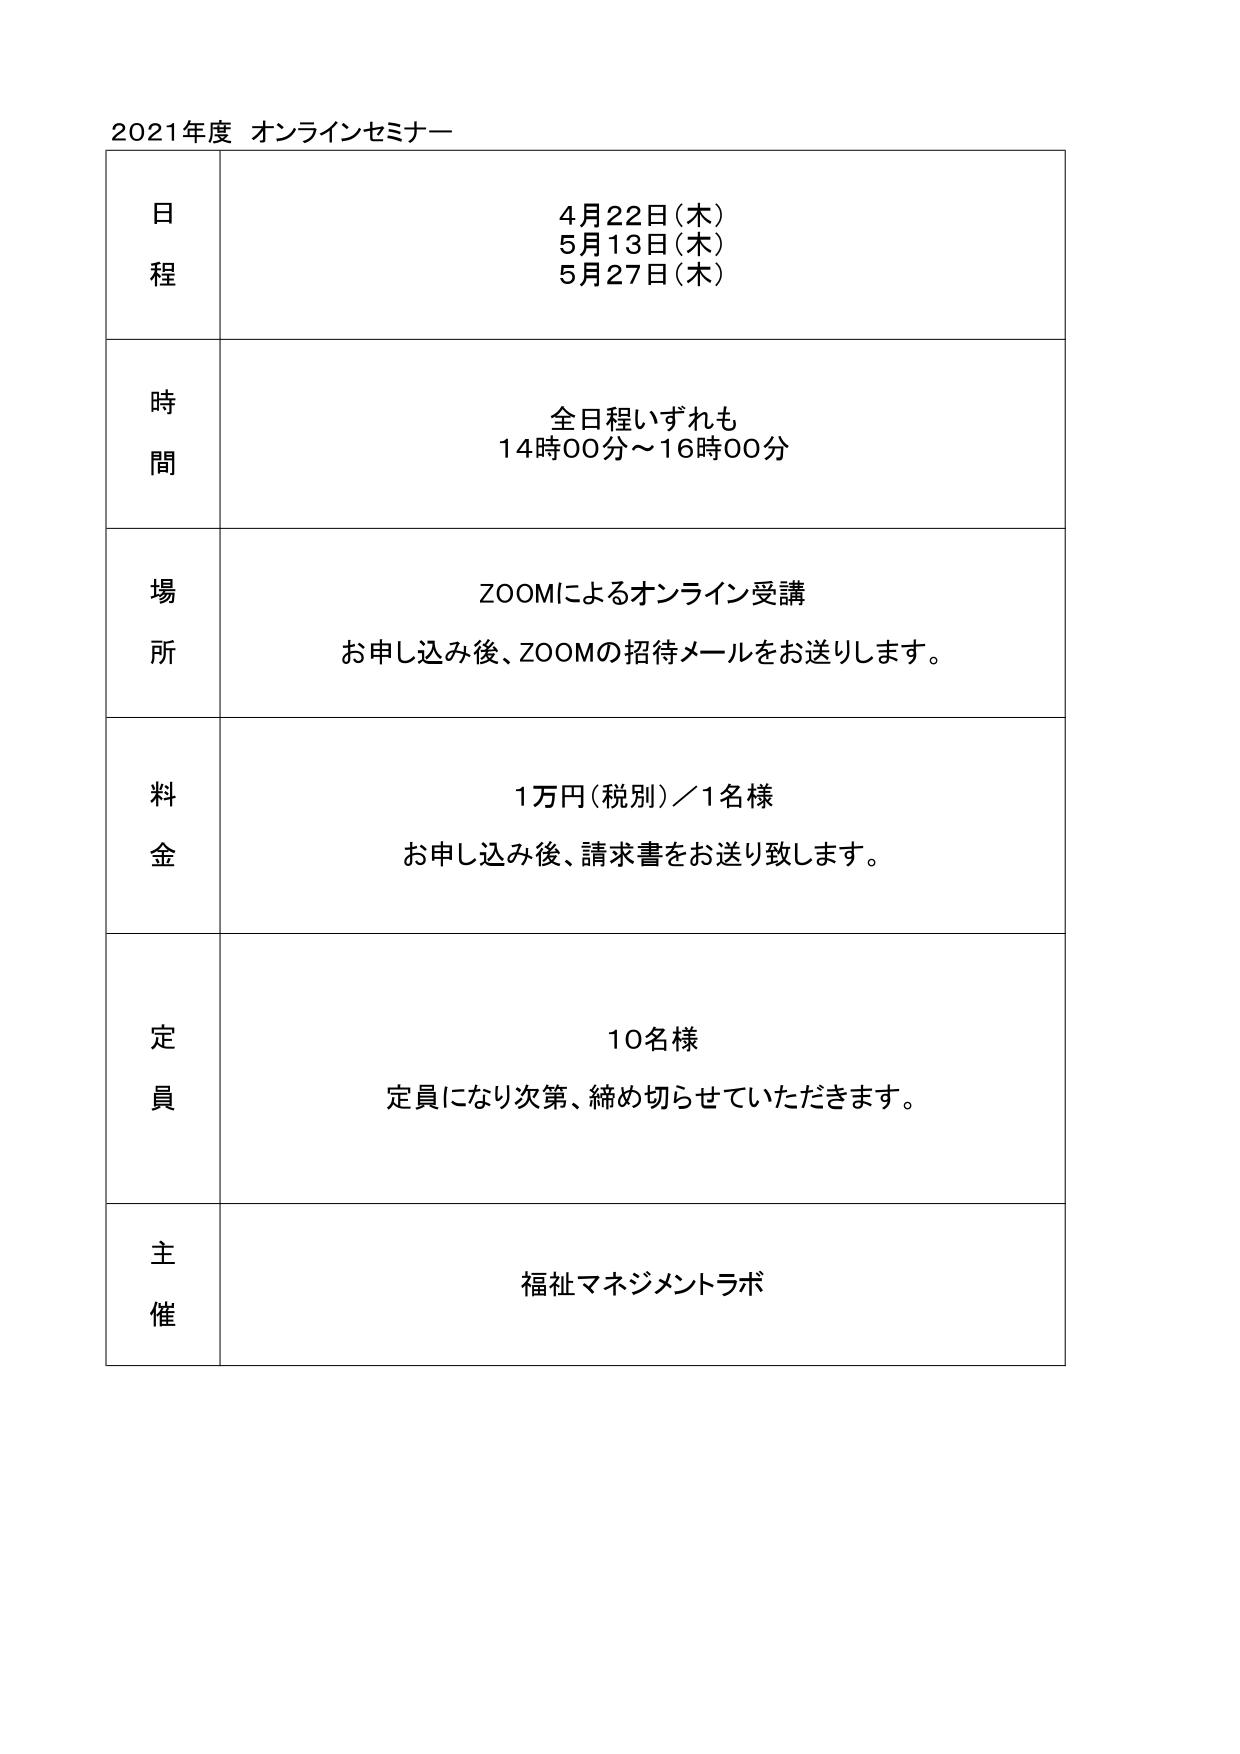 オンラインセミナーHP申込み_page-0001 (3)